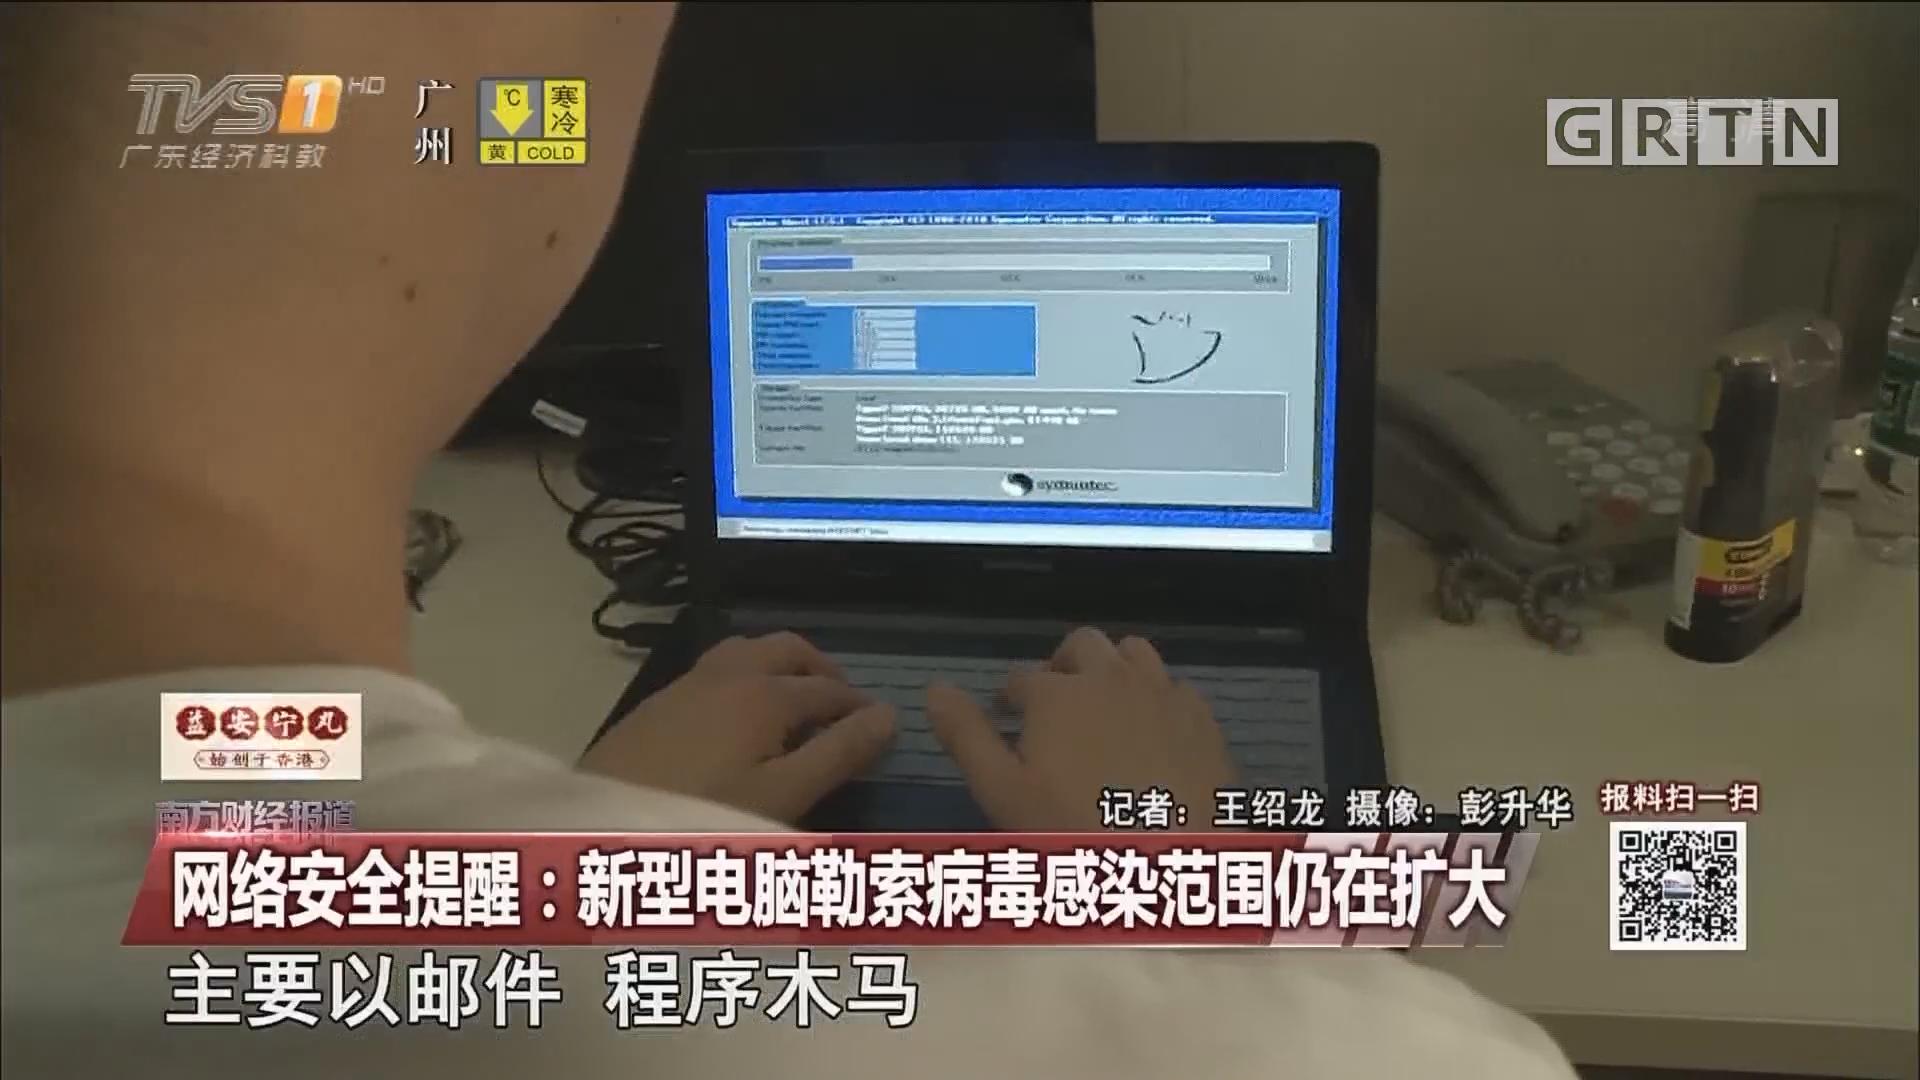 网络安全提醒:新型电脑勒索病毒感染范围仍在扩大